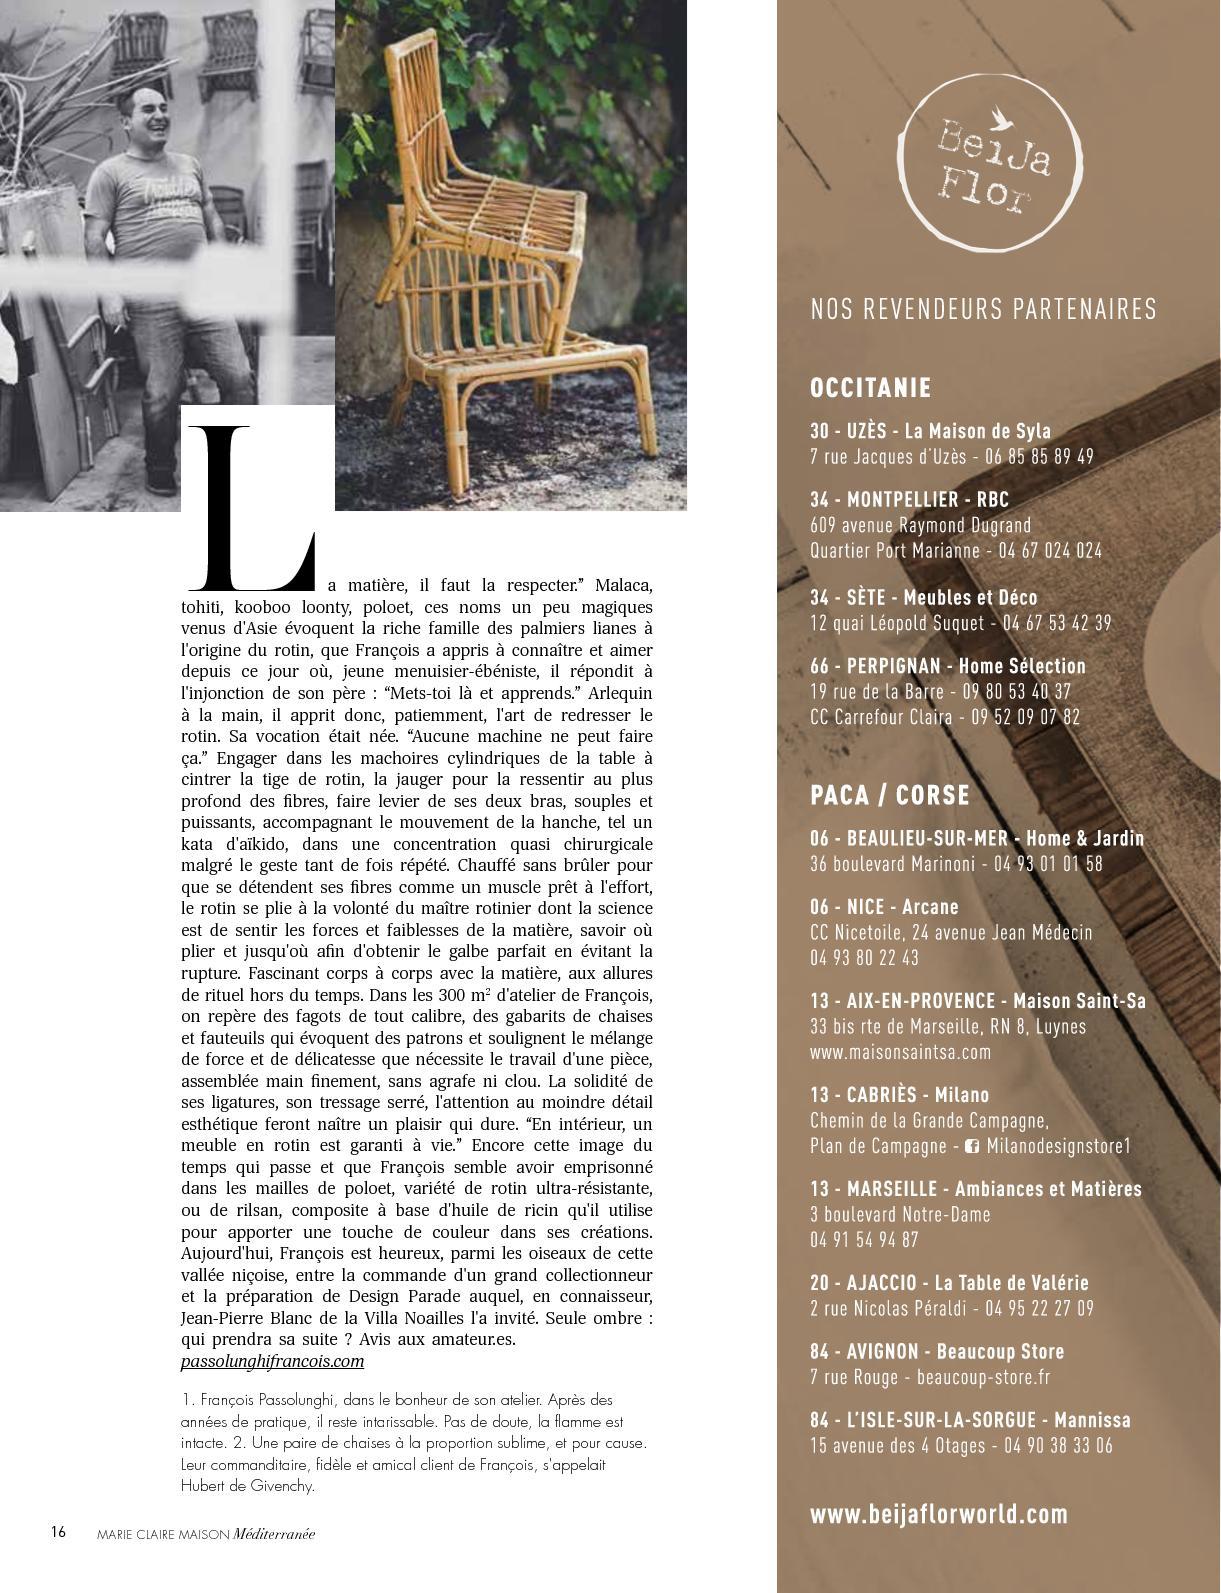 Salon De Jardin Table Et Chaises Élégant N°502 Marie Claire Maison Juillet Aout 2018 Calameo Downloader Of 38 Charmant Salon De Jardin Table Et Chaises